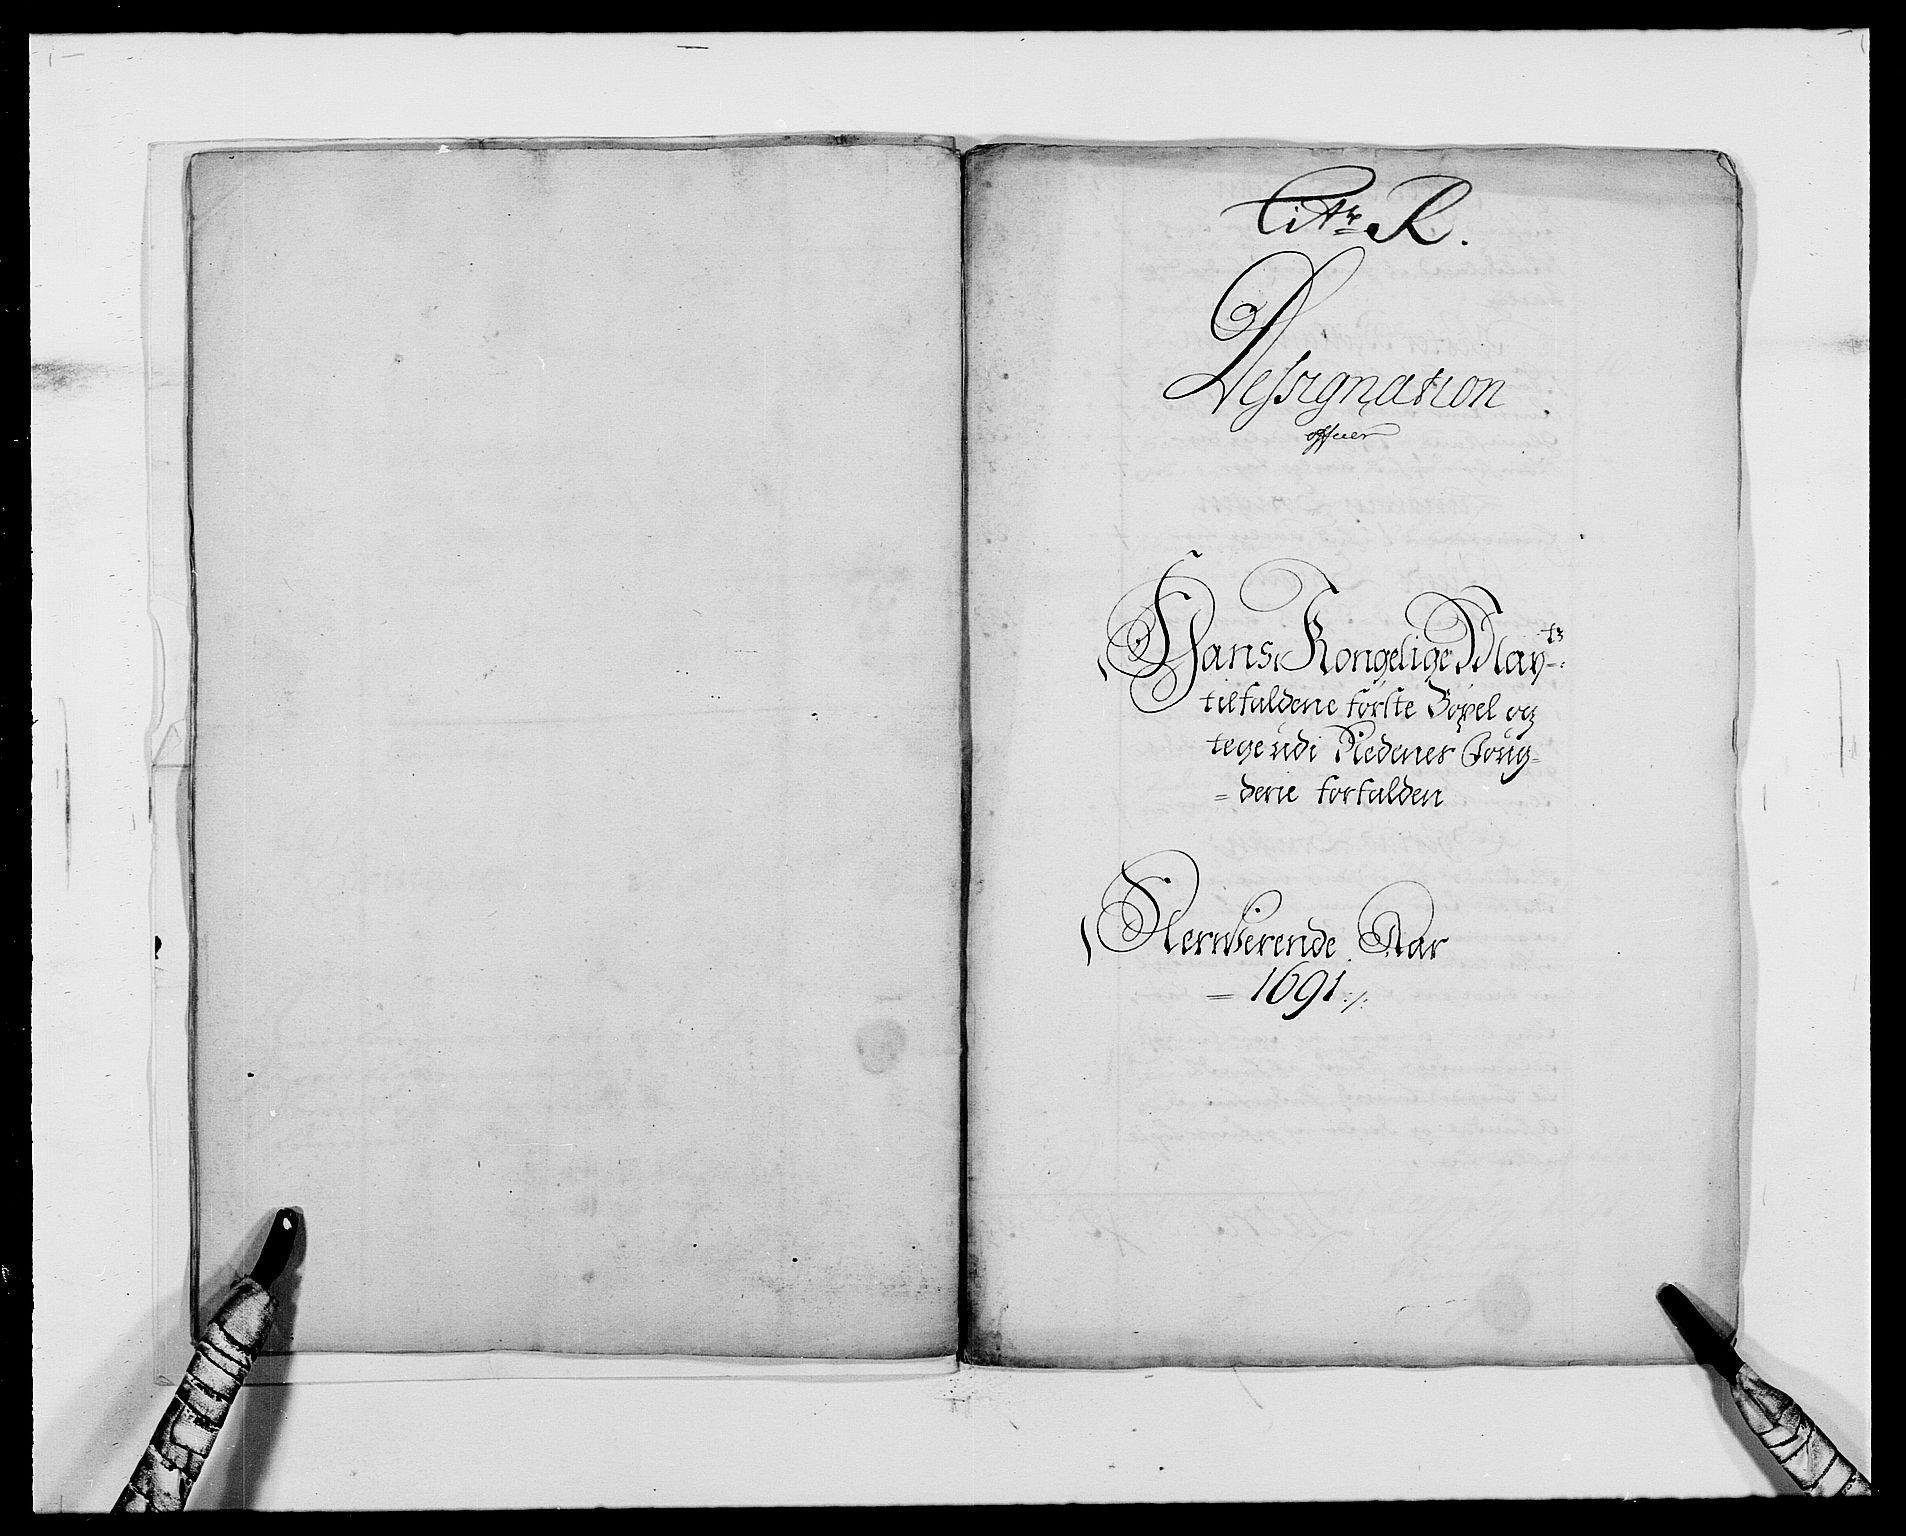 RA, Rentekammeret inntil 1814, Reviderte regnskaper, Fogderegnskap, R39/L2311: Fogderegnskap Nedenes, 1690-1692, s. 12